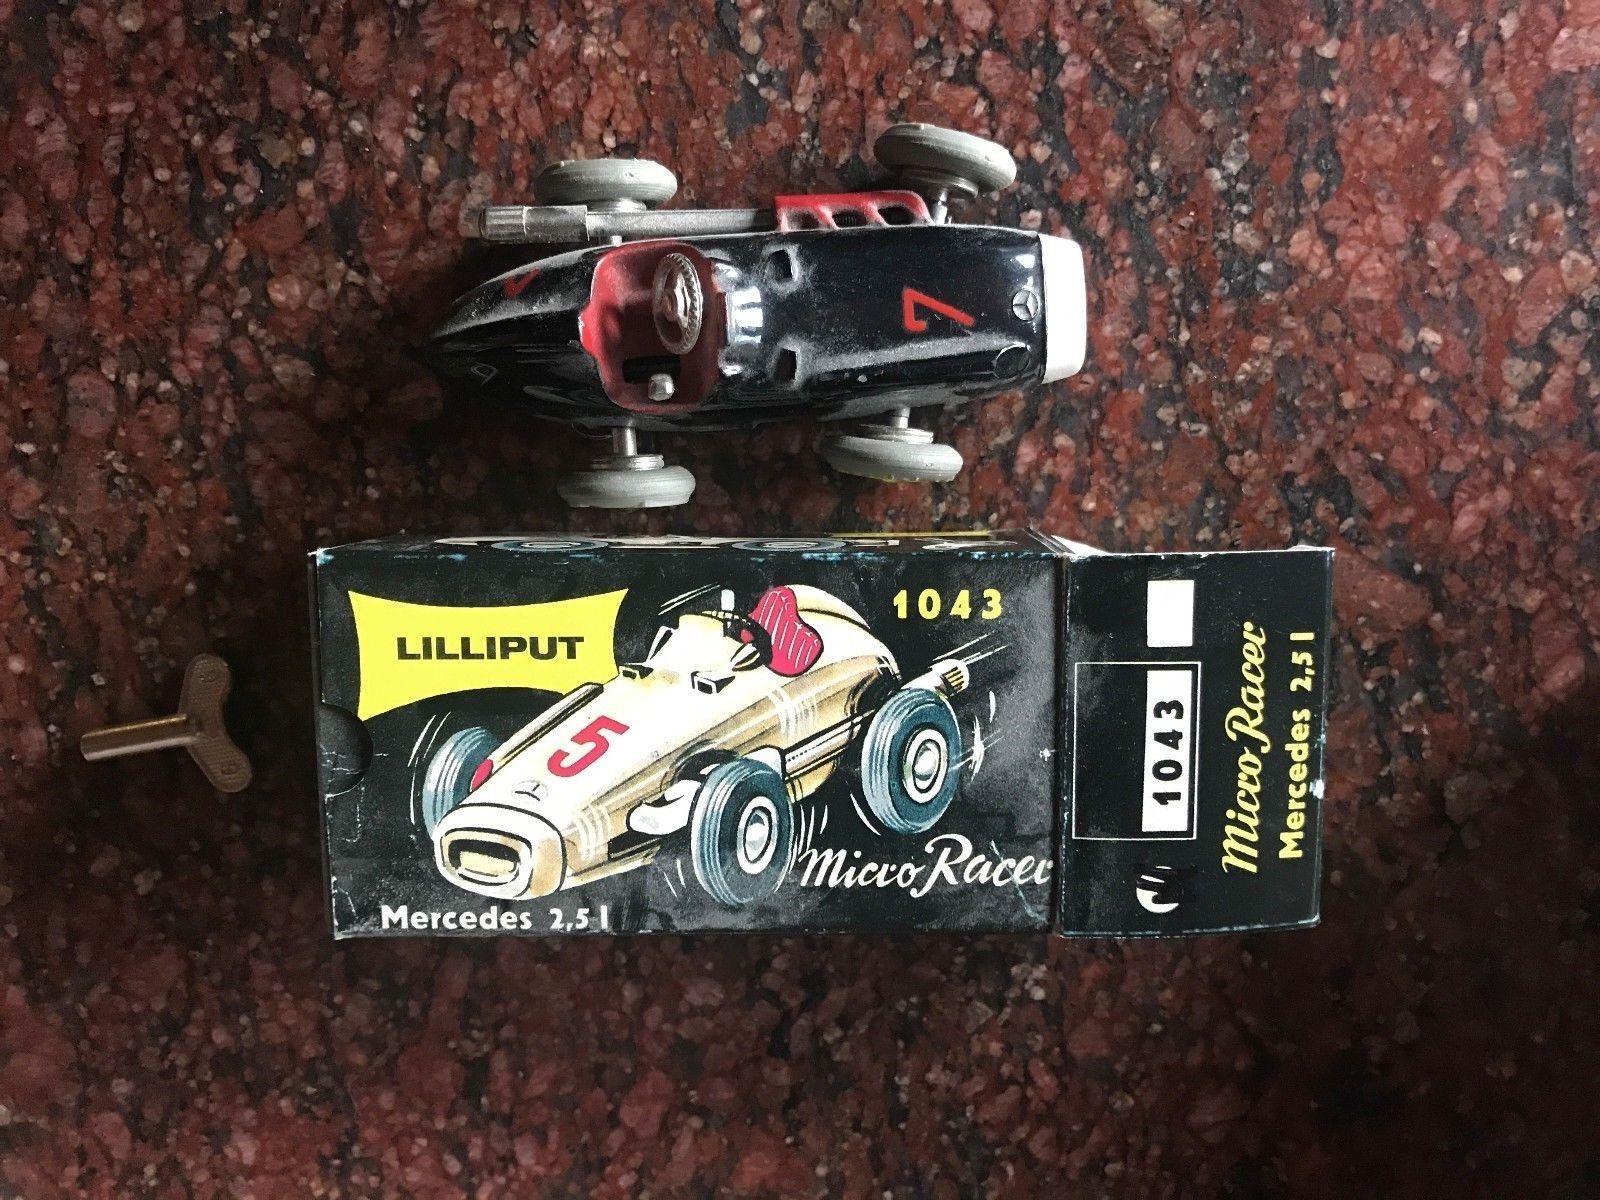 Lilliput 1043 MICRO RACER mercedes 2,5 I rapide voiture noir avec Rouge Détail Neuf